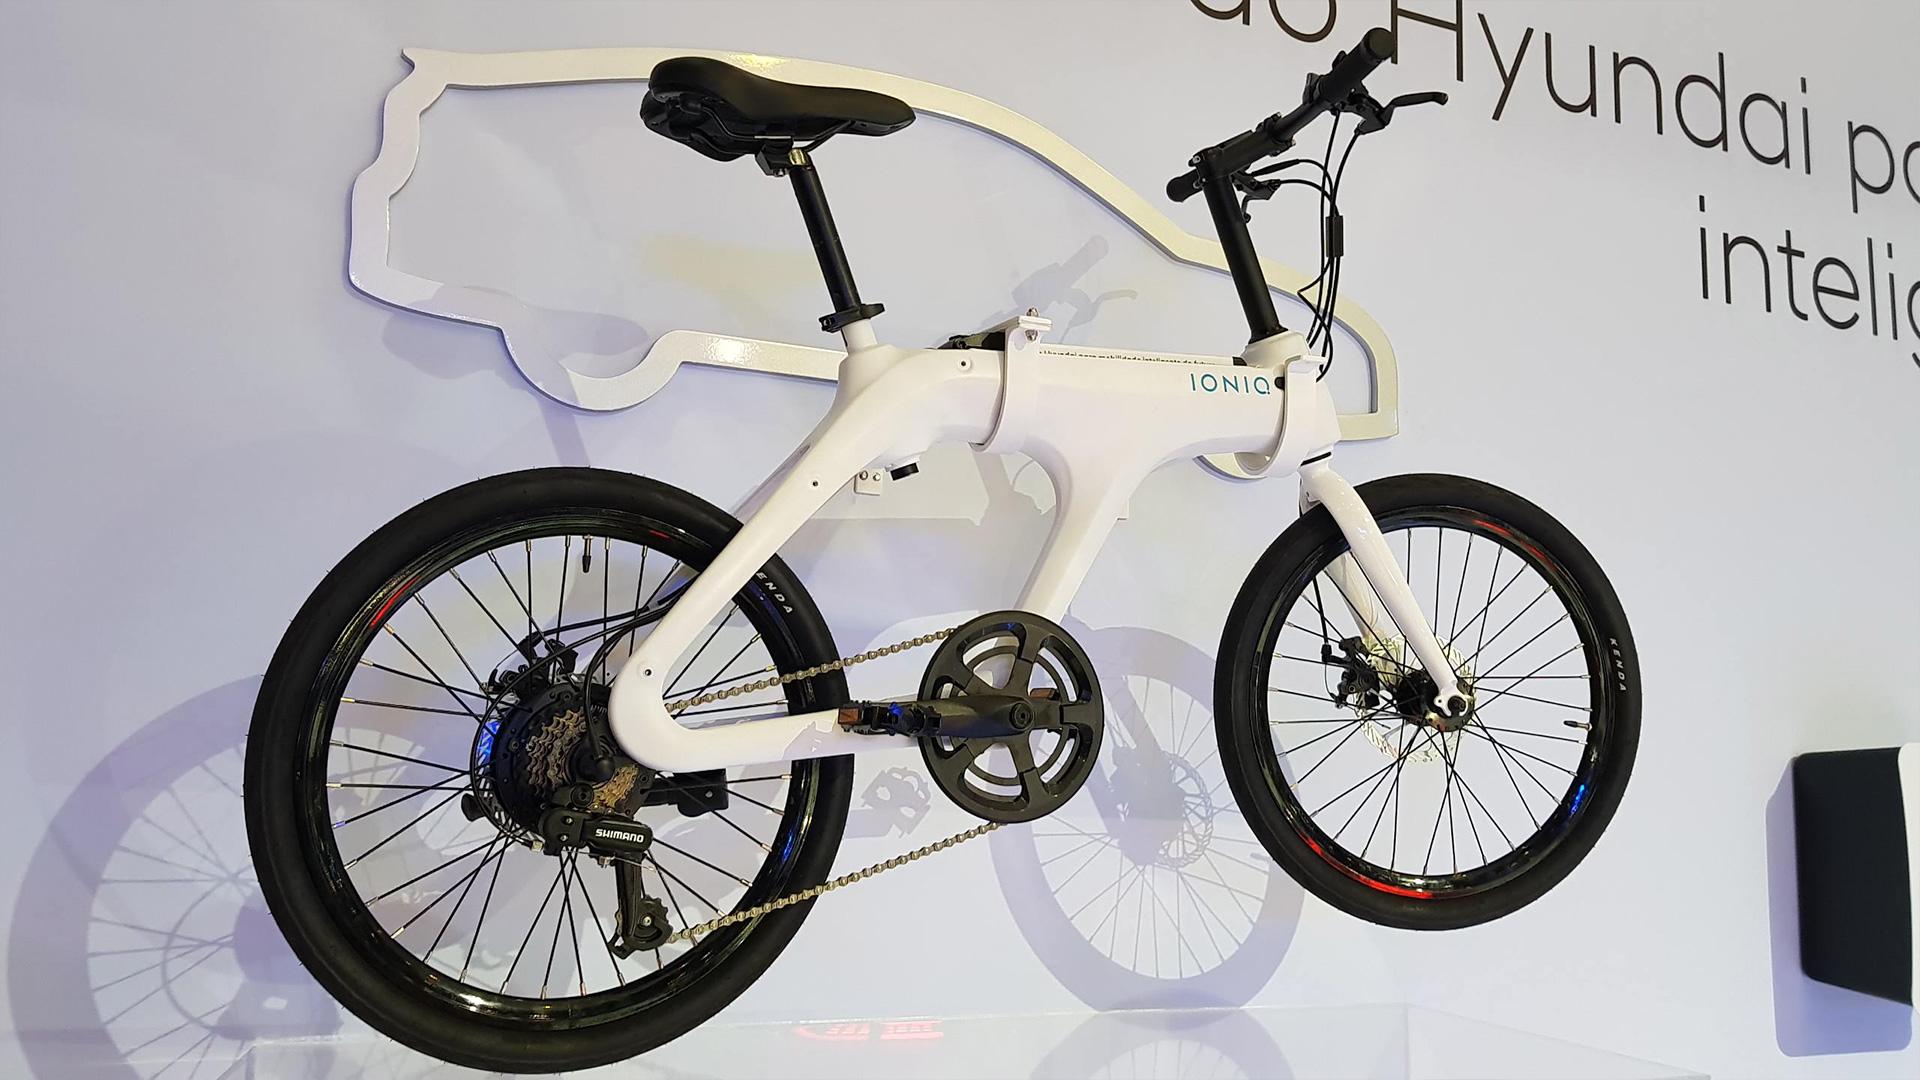 Bicicleta elétrica da Hyundai